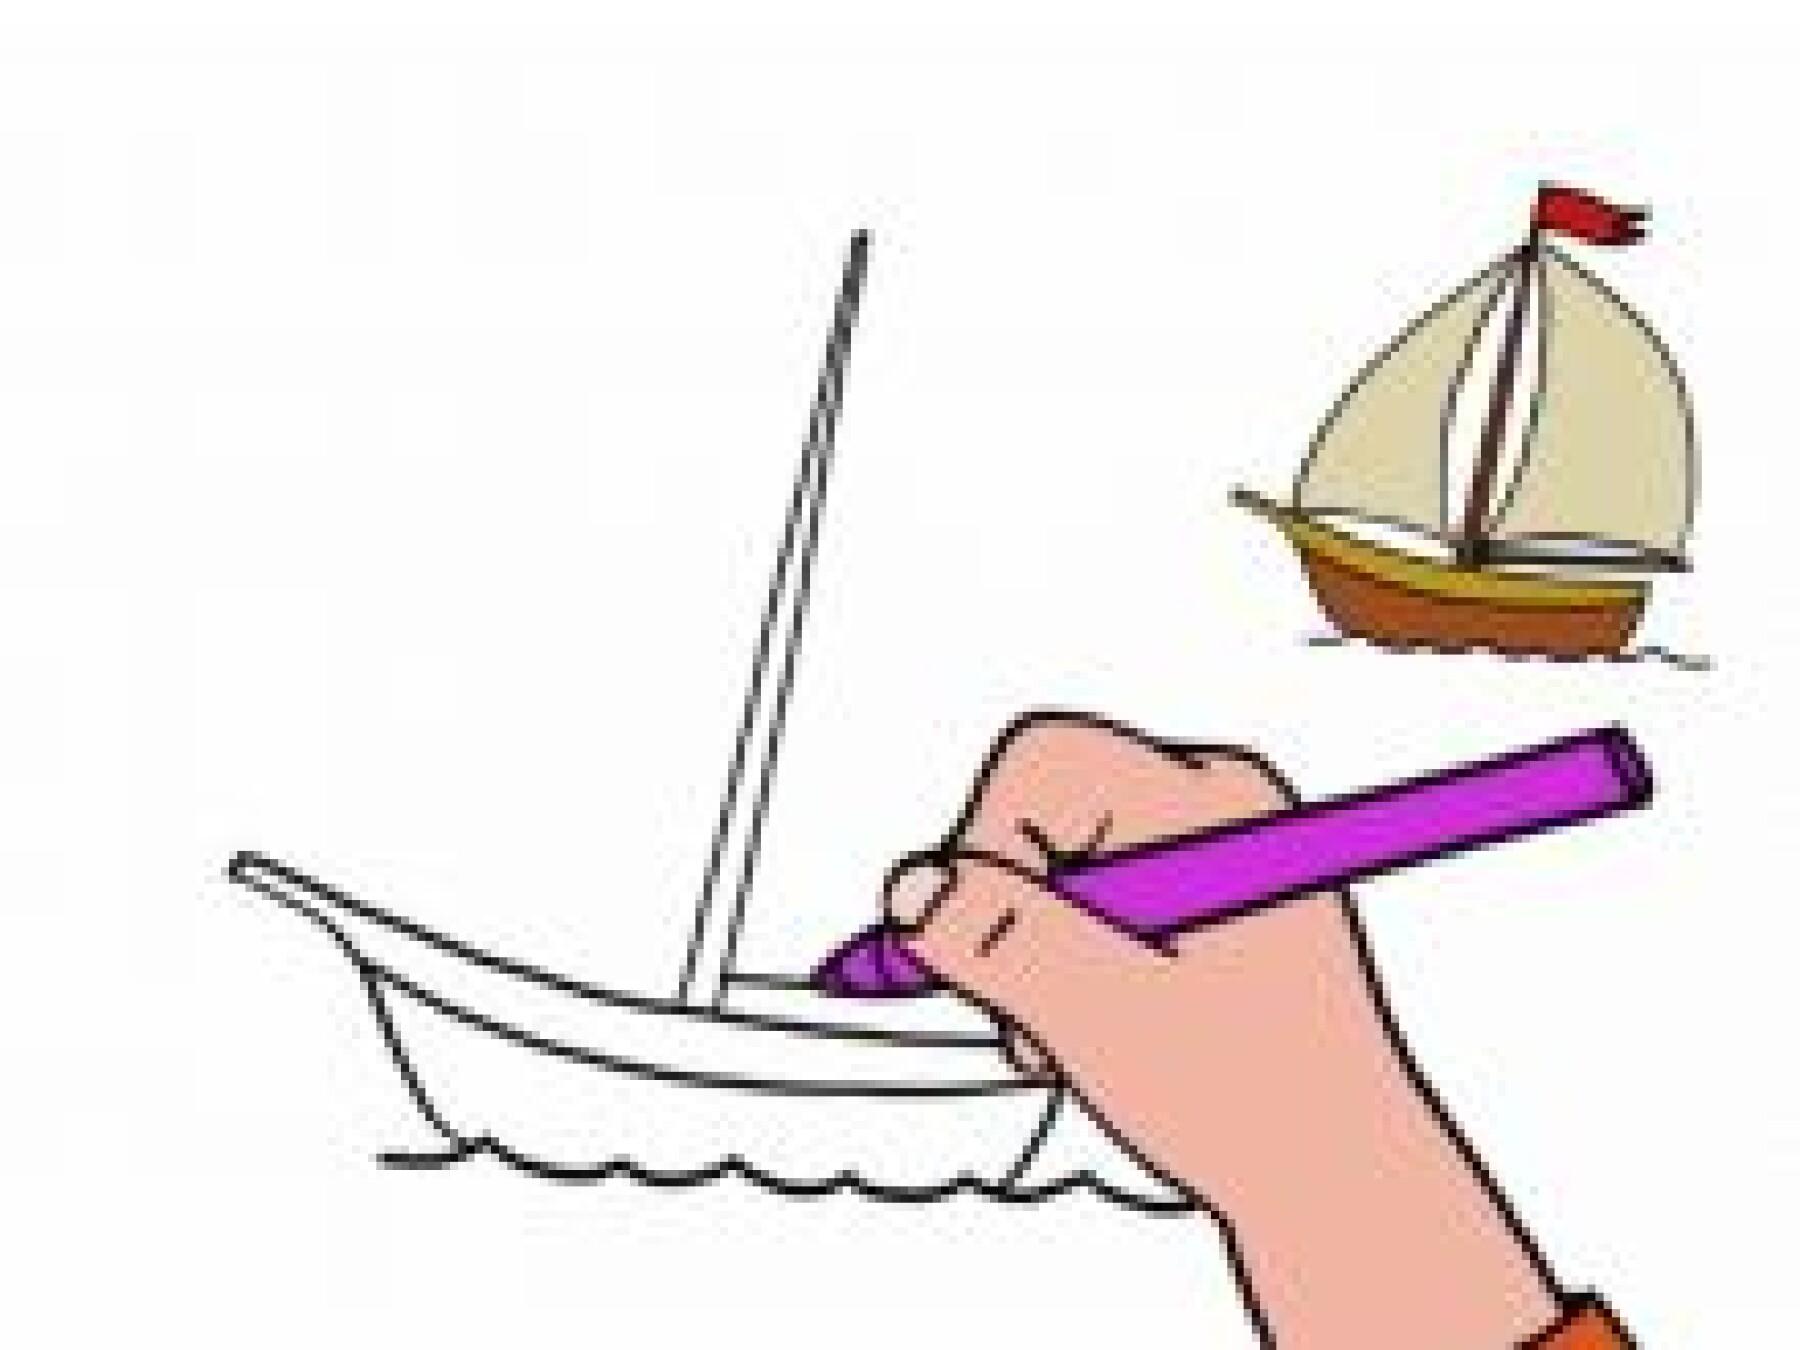 Dessiner un bateau